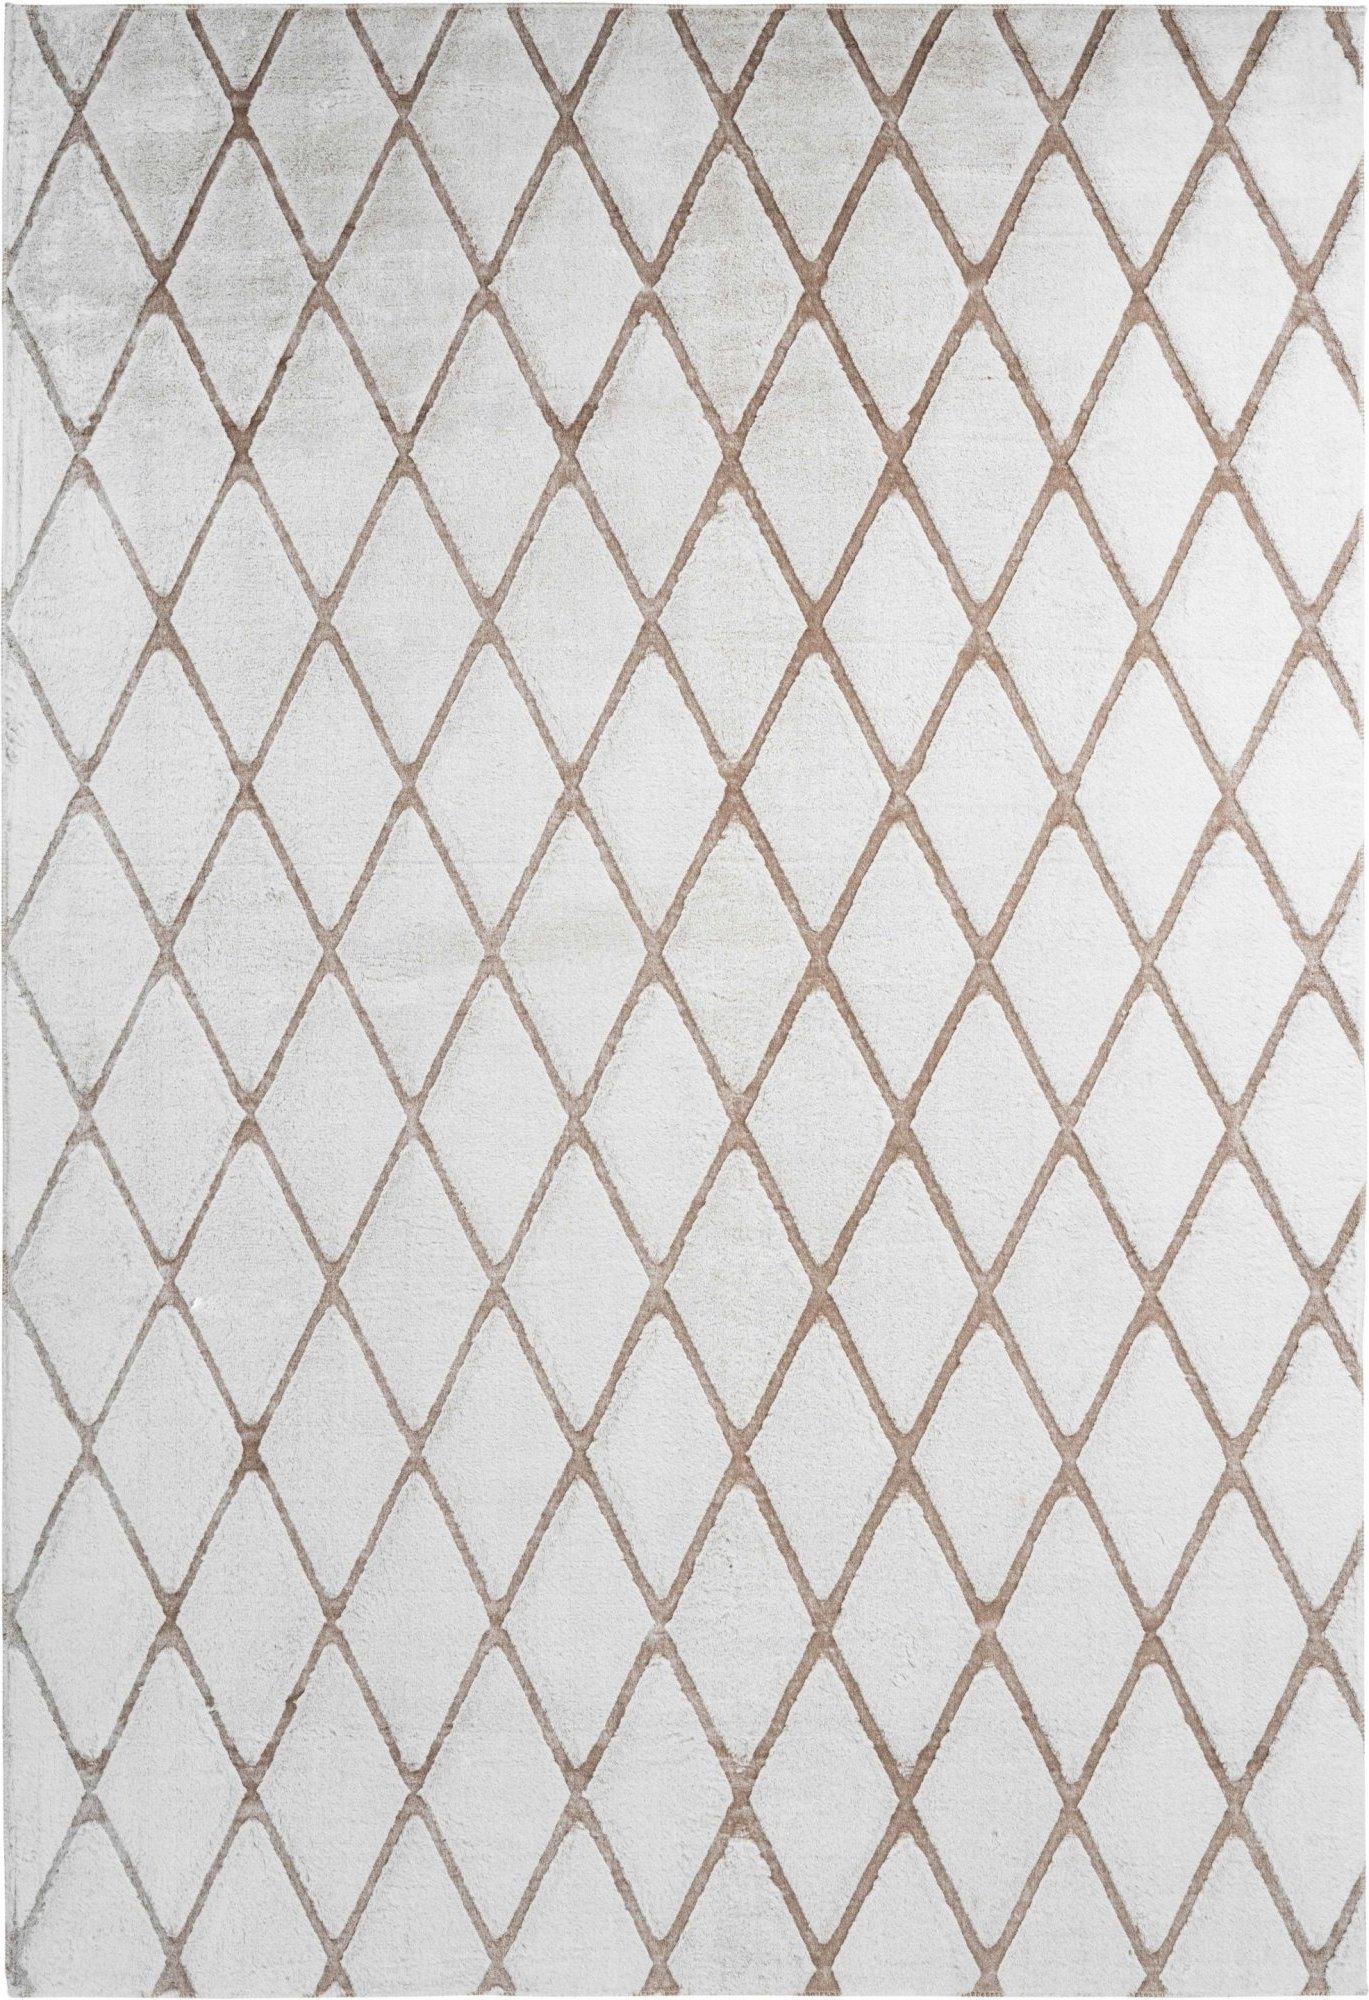 Tapis en polyester blanc et taupe 160x230